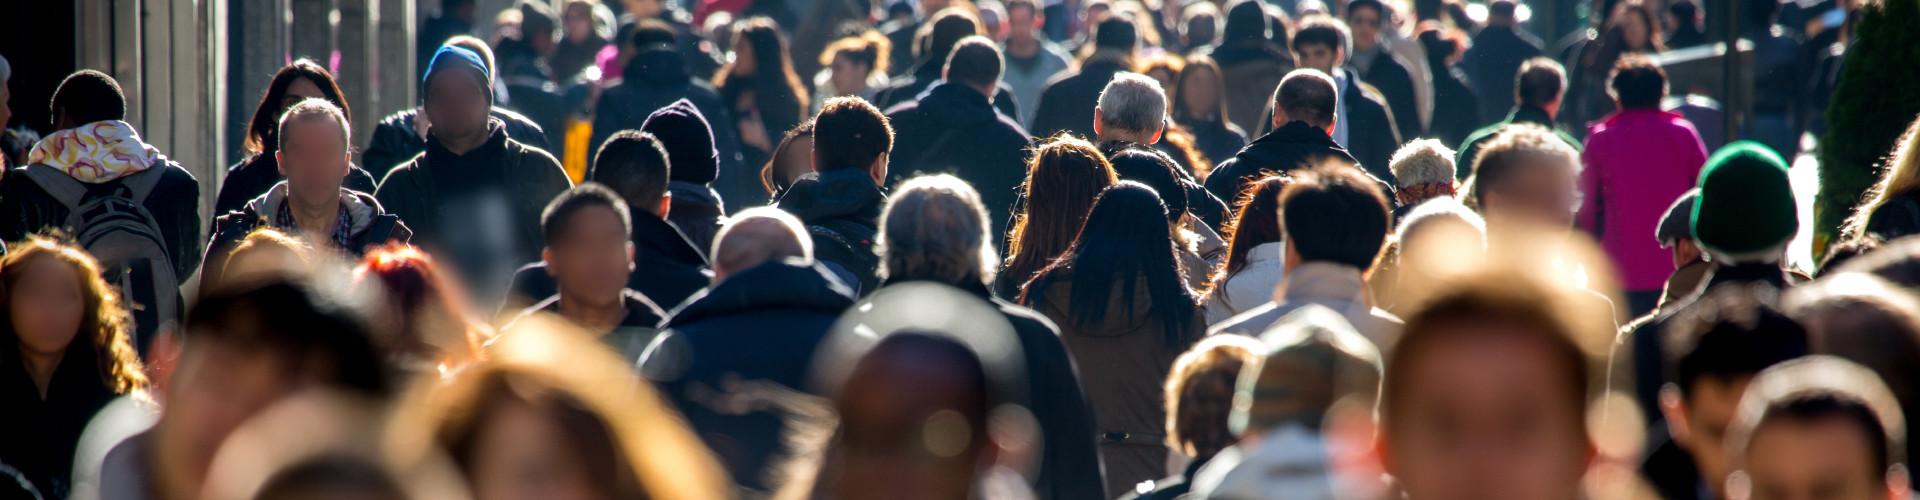 Vielen Menschen auf der Straße © stock.adobe.com, Adobe Stock